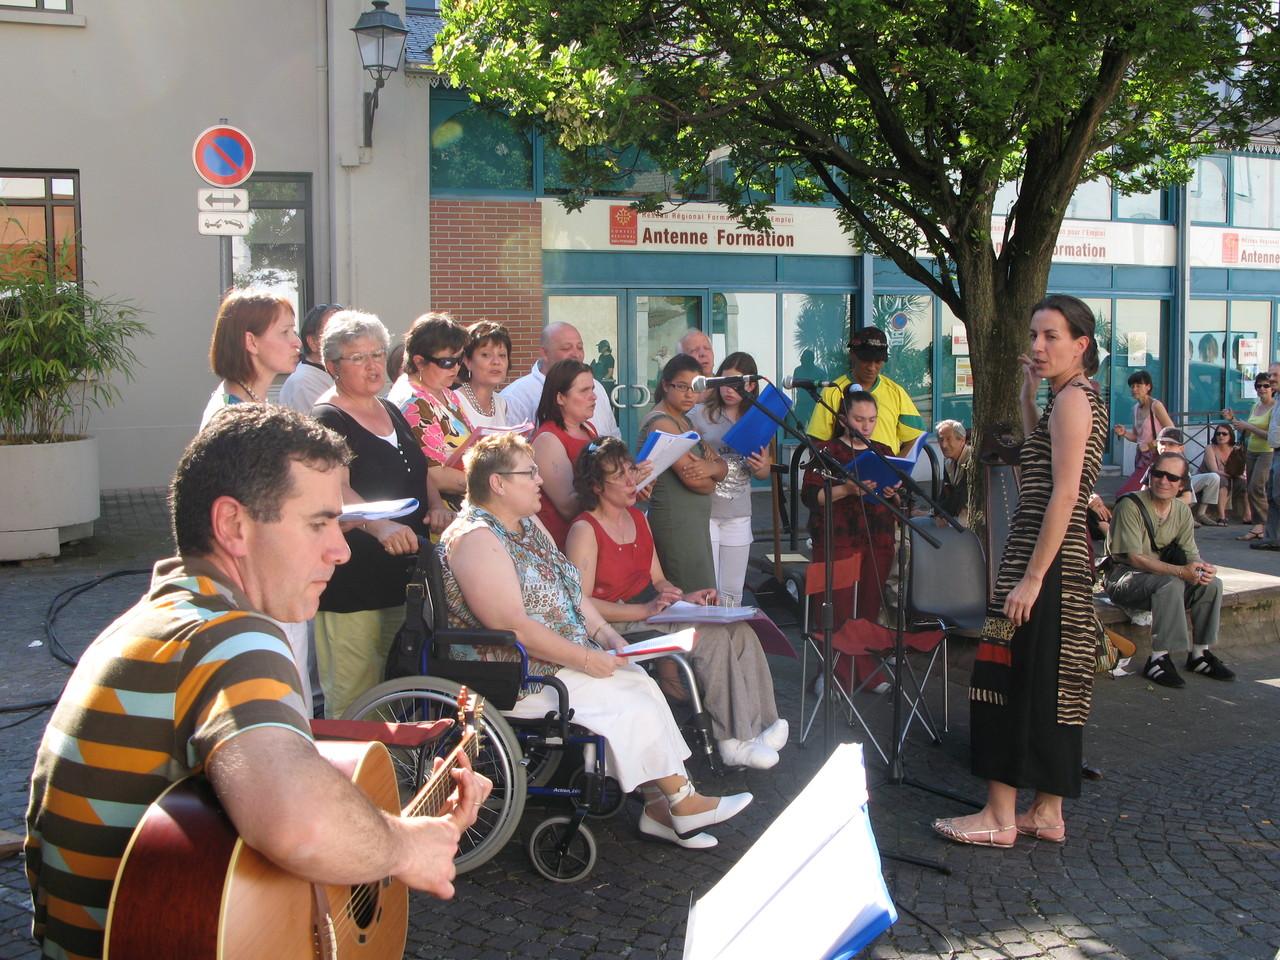 Fête de la musique tarbes place St Anne 21 juin 2008